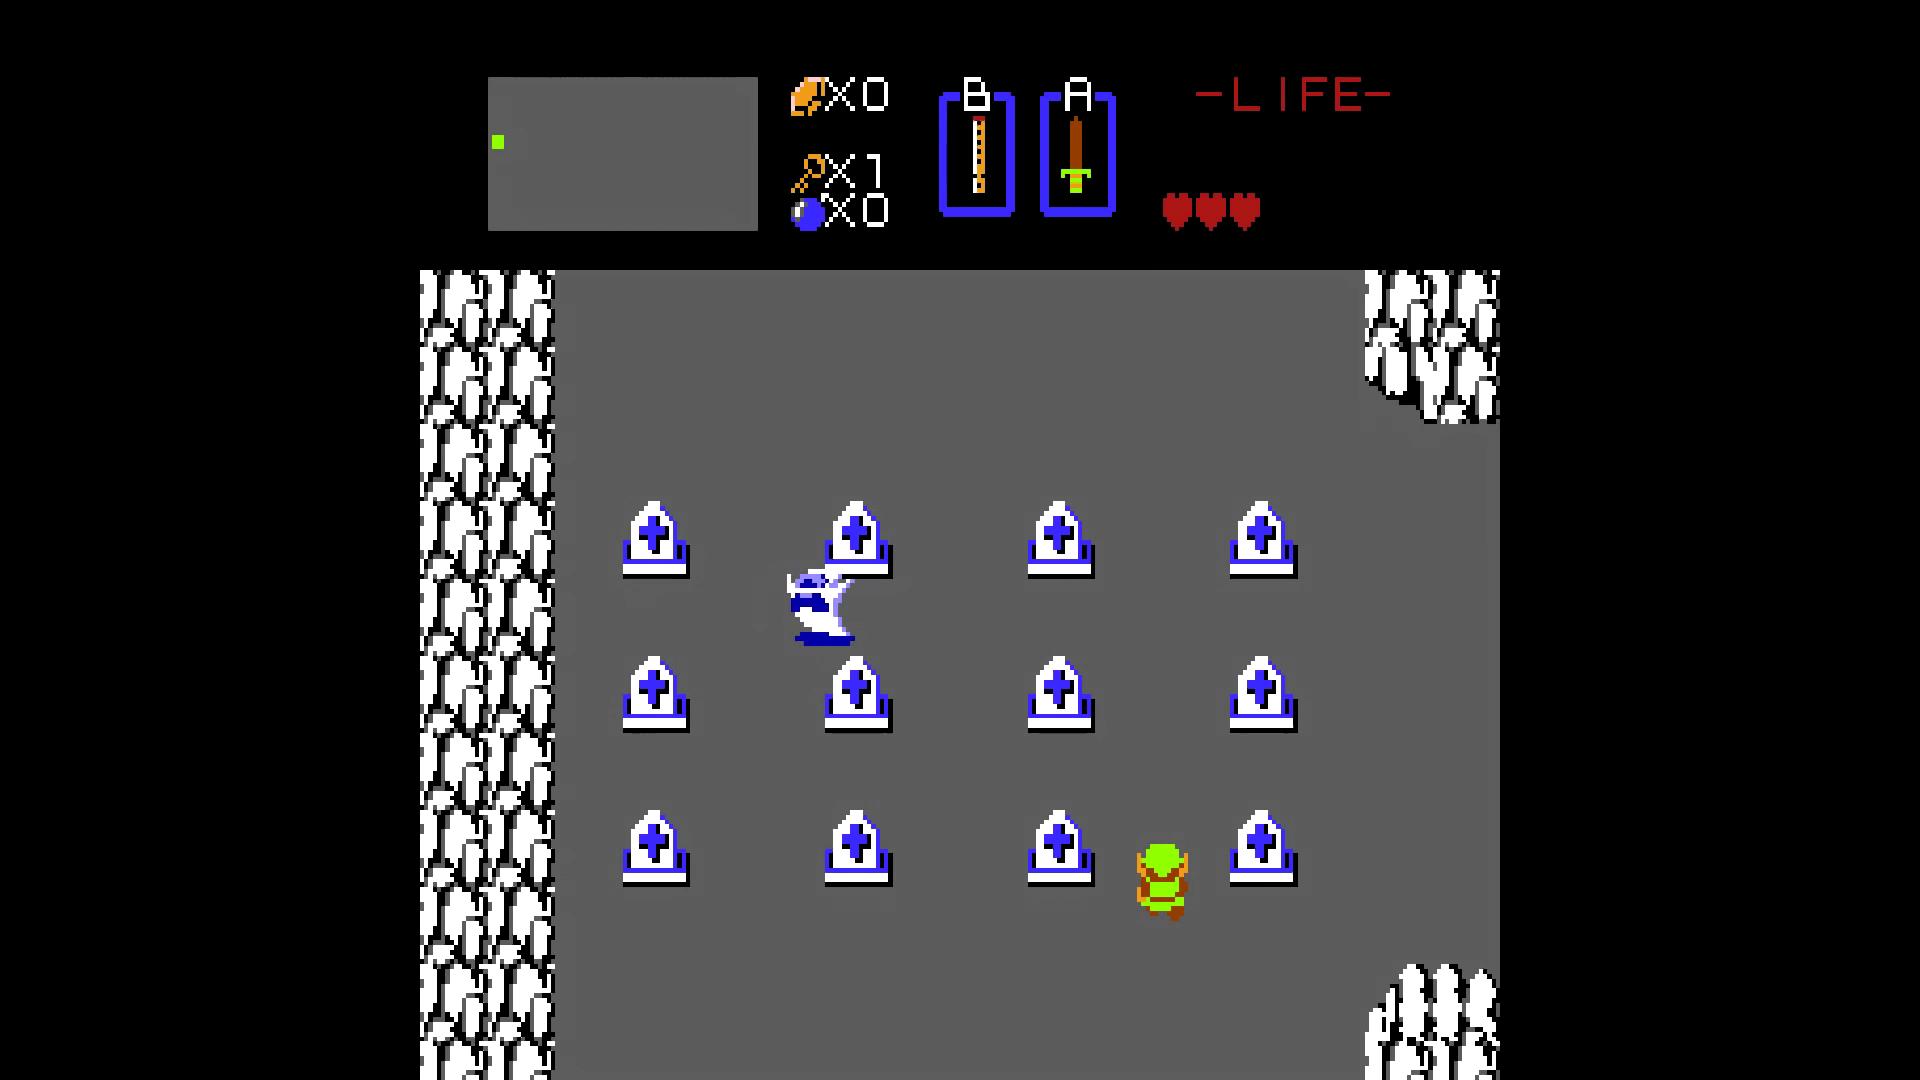 Спидран Legend of Zelda путём манипуляций памятью игры - 4